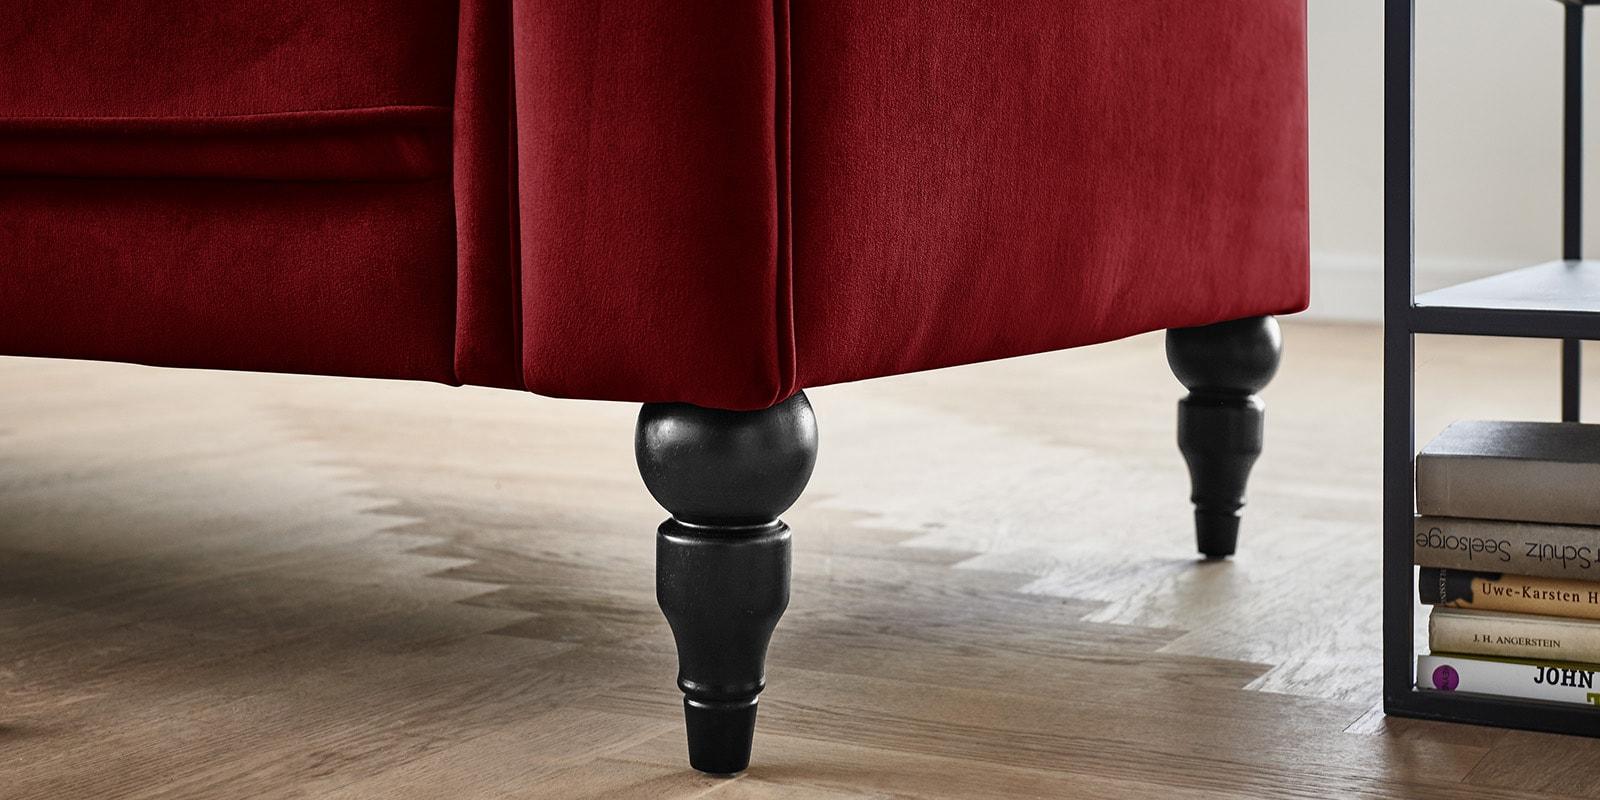 Moebella24 - 3-2-1-Sitzer - Sofa - Hudson - Chesterfield - Samt - Rot - Dekorative - Nähte - und - Versteppungen - Knopfheftung - Barock-Design - Füße - Detailaufnahme